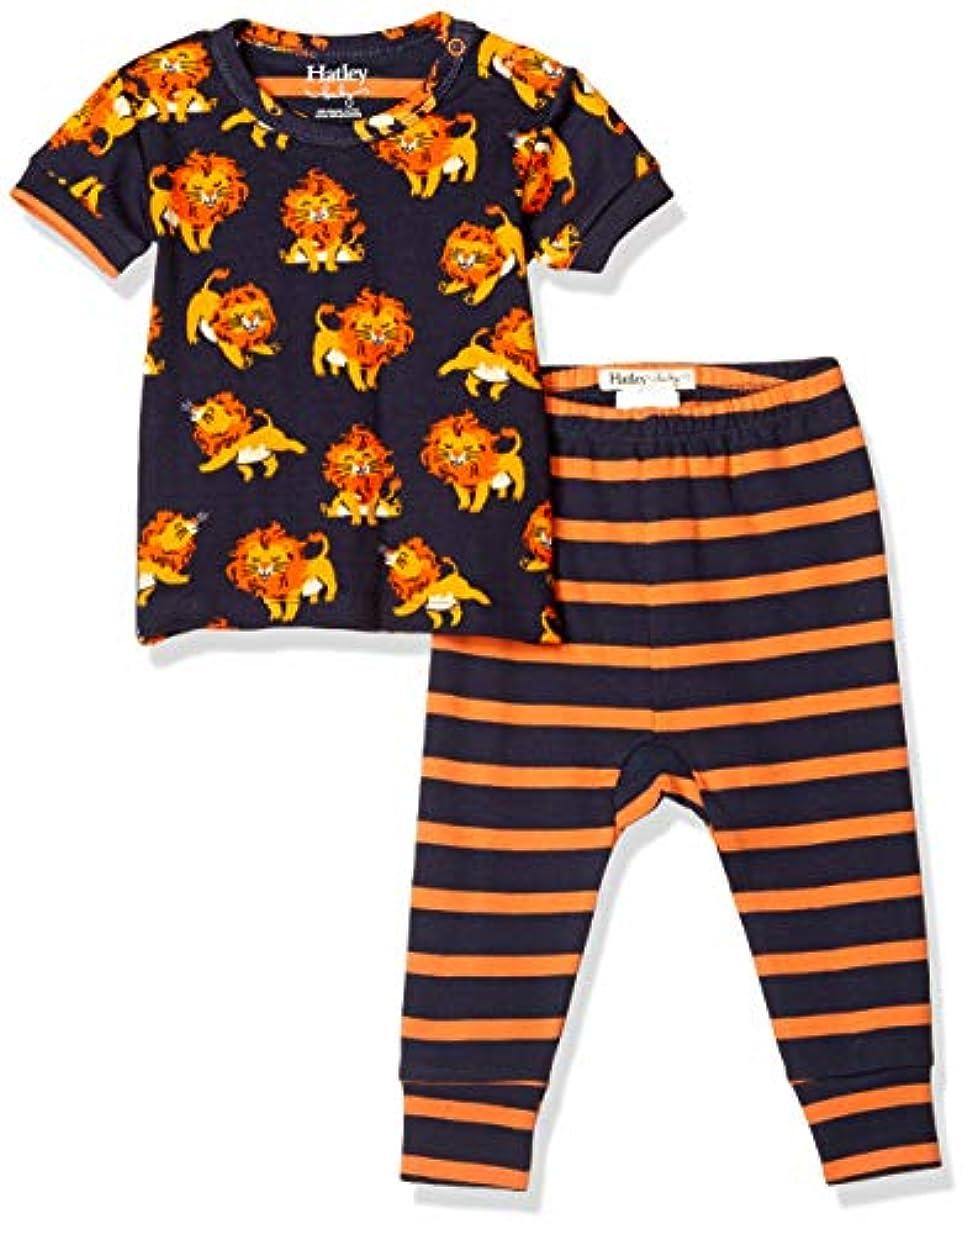 故国東ティモール汗Hatley ハットレイ ボーイズ 半袖バジャマ上下セット かわいいライオン柄 Organic Cotton Little Cubs Baby Short Sleeve Pajam 80~85cm、12M-18M(79-84cm) オーガニックコットン100% S20LCI1254